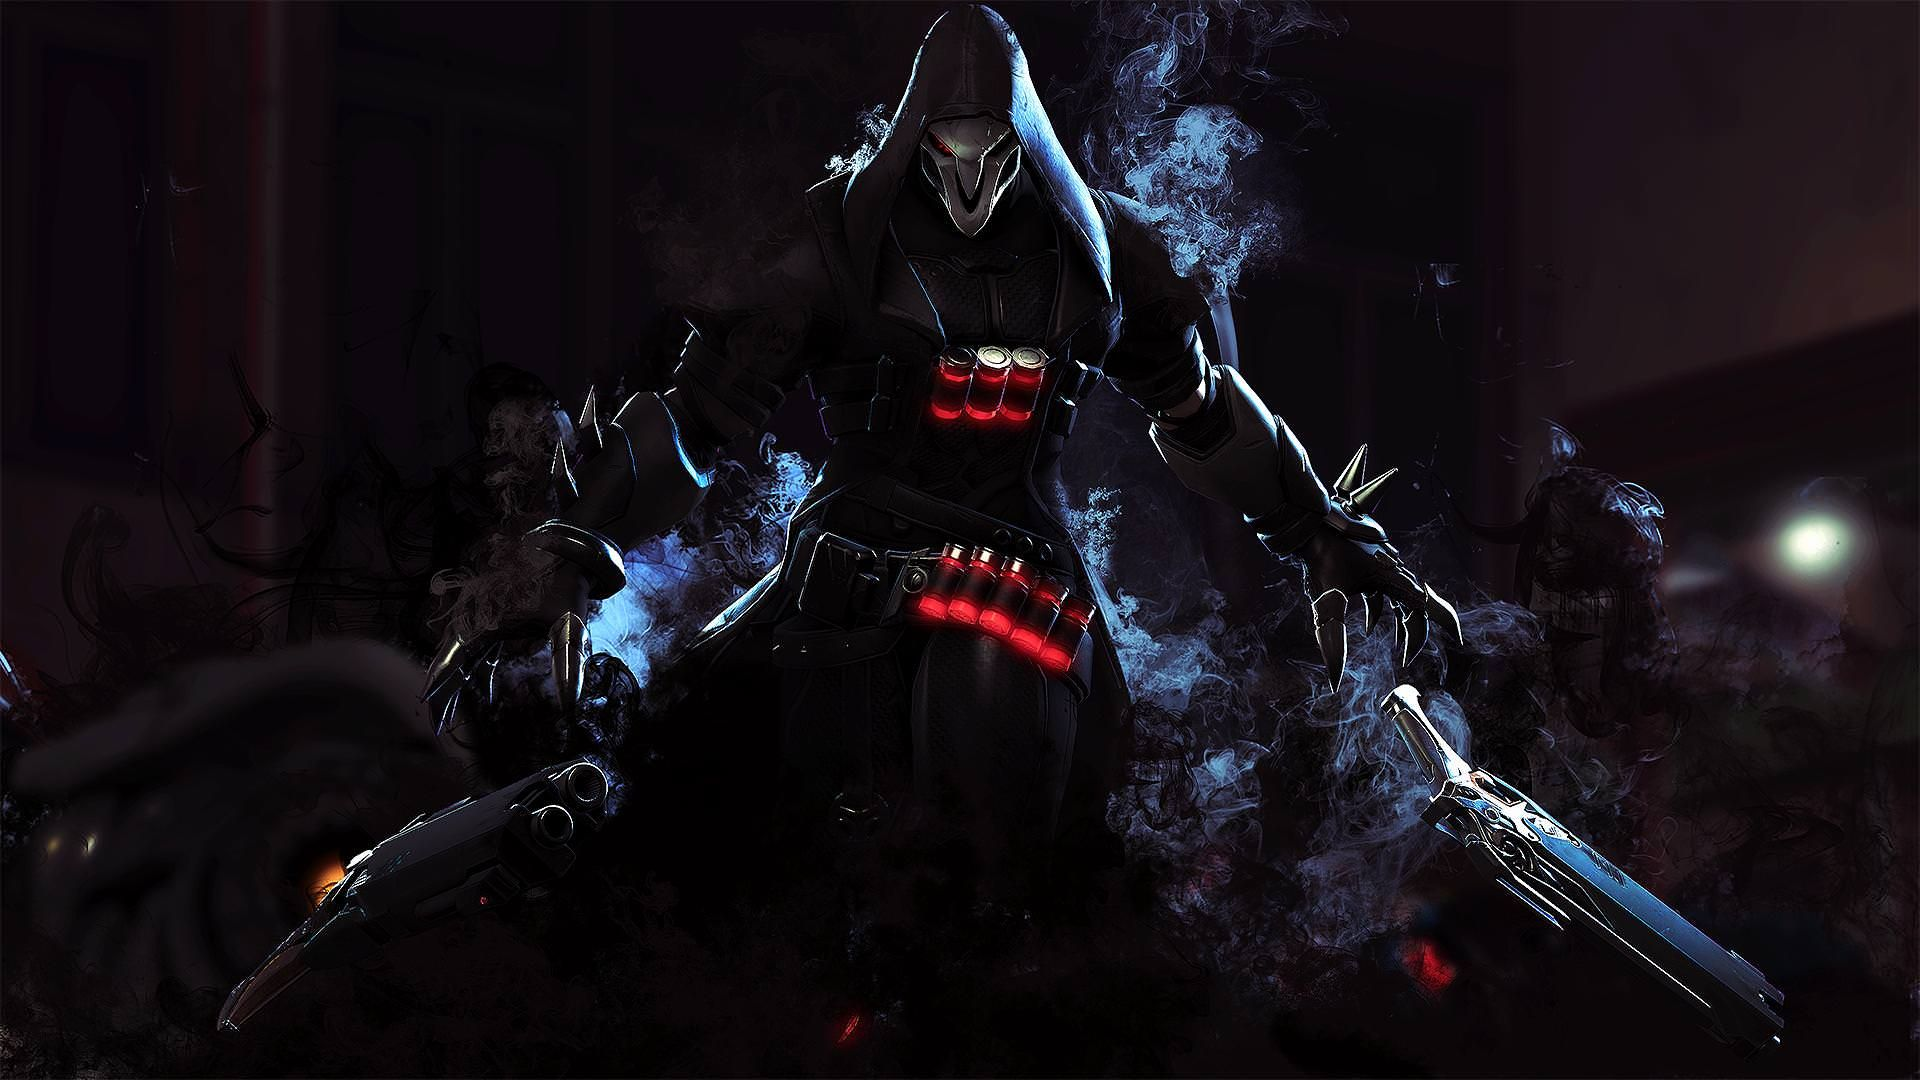 Https I Imgur Com Lcreolv Jpg Overwatch Wallpapers Overwatch Reaper Overwatch